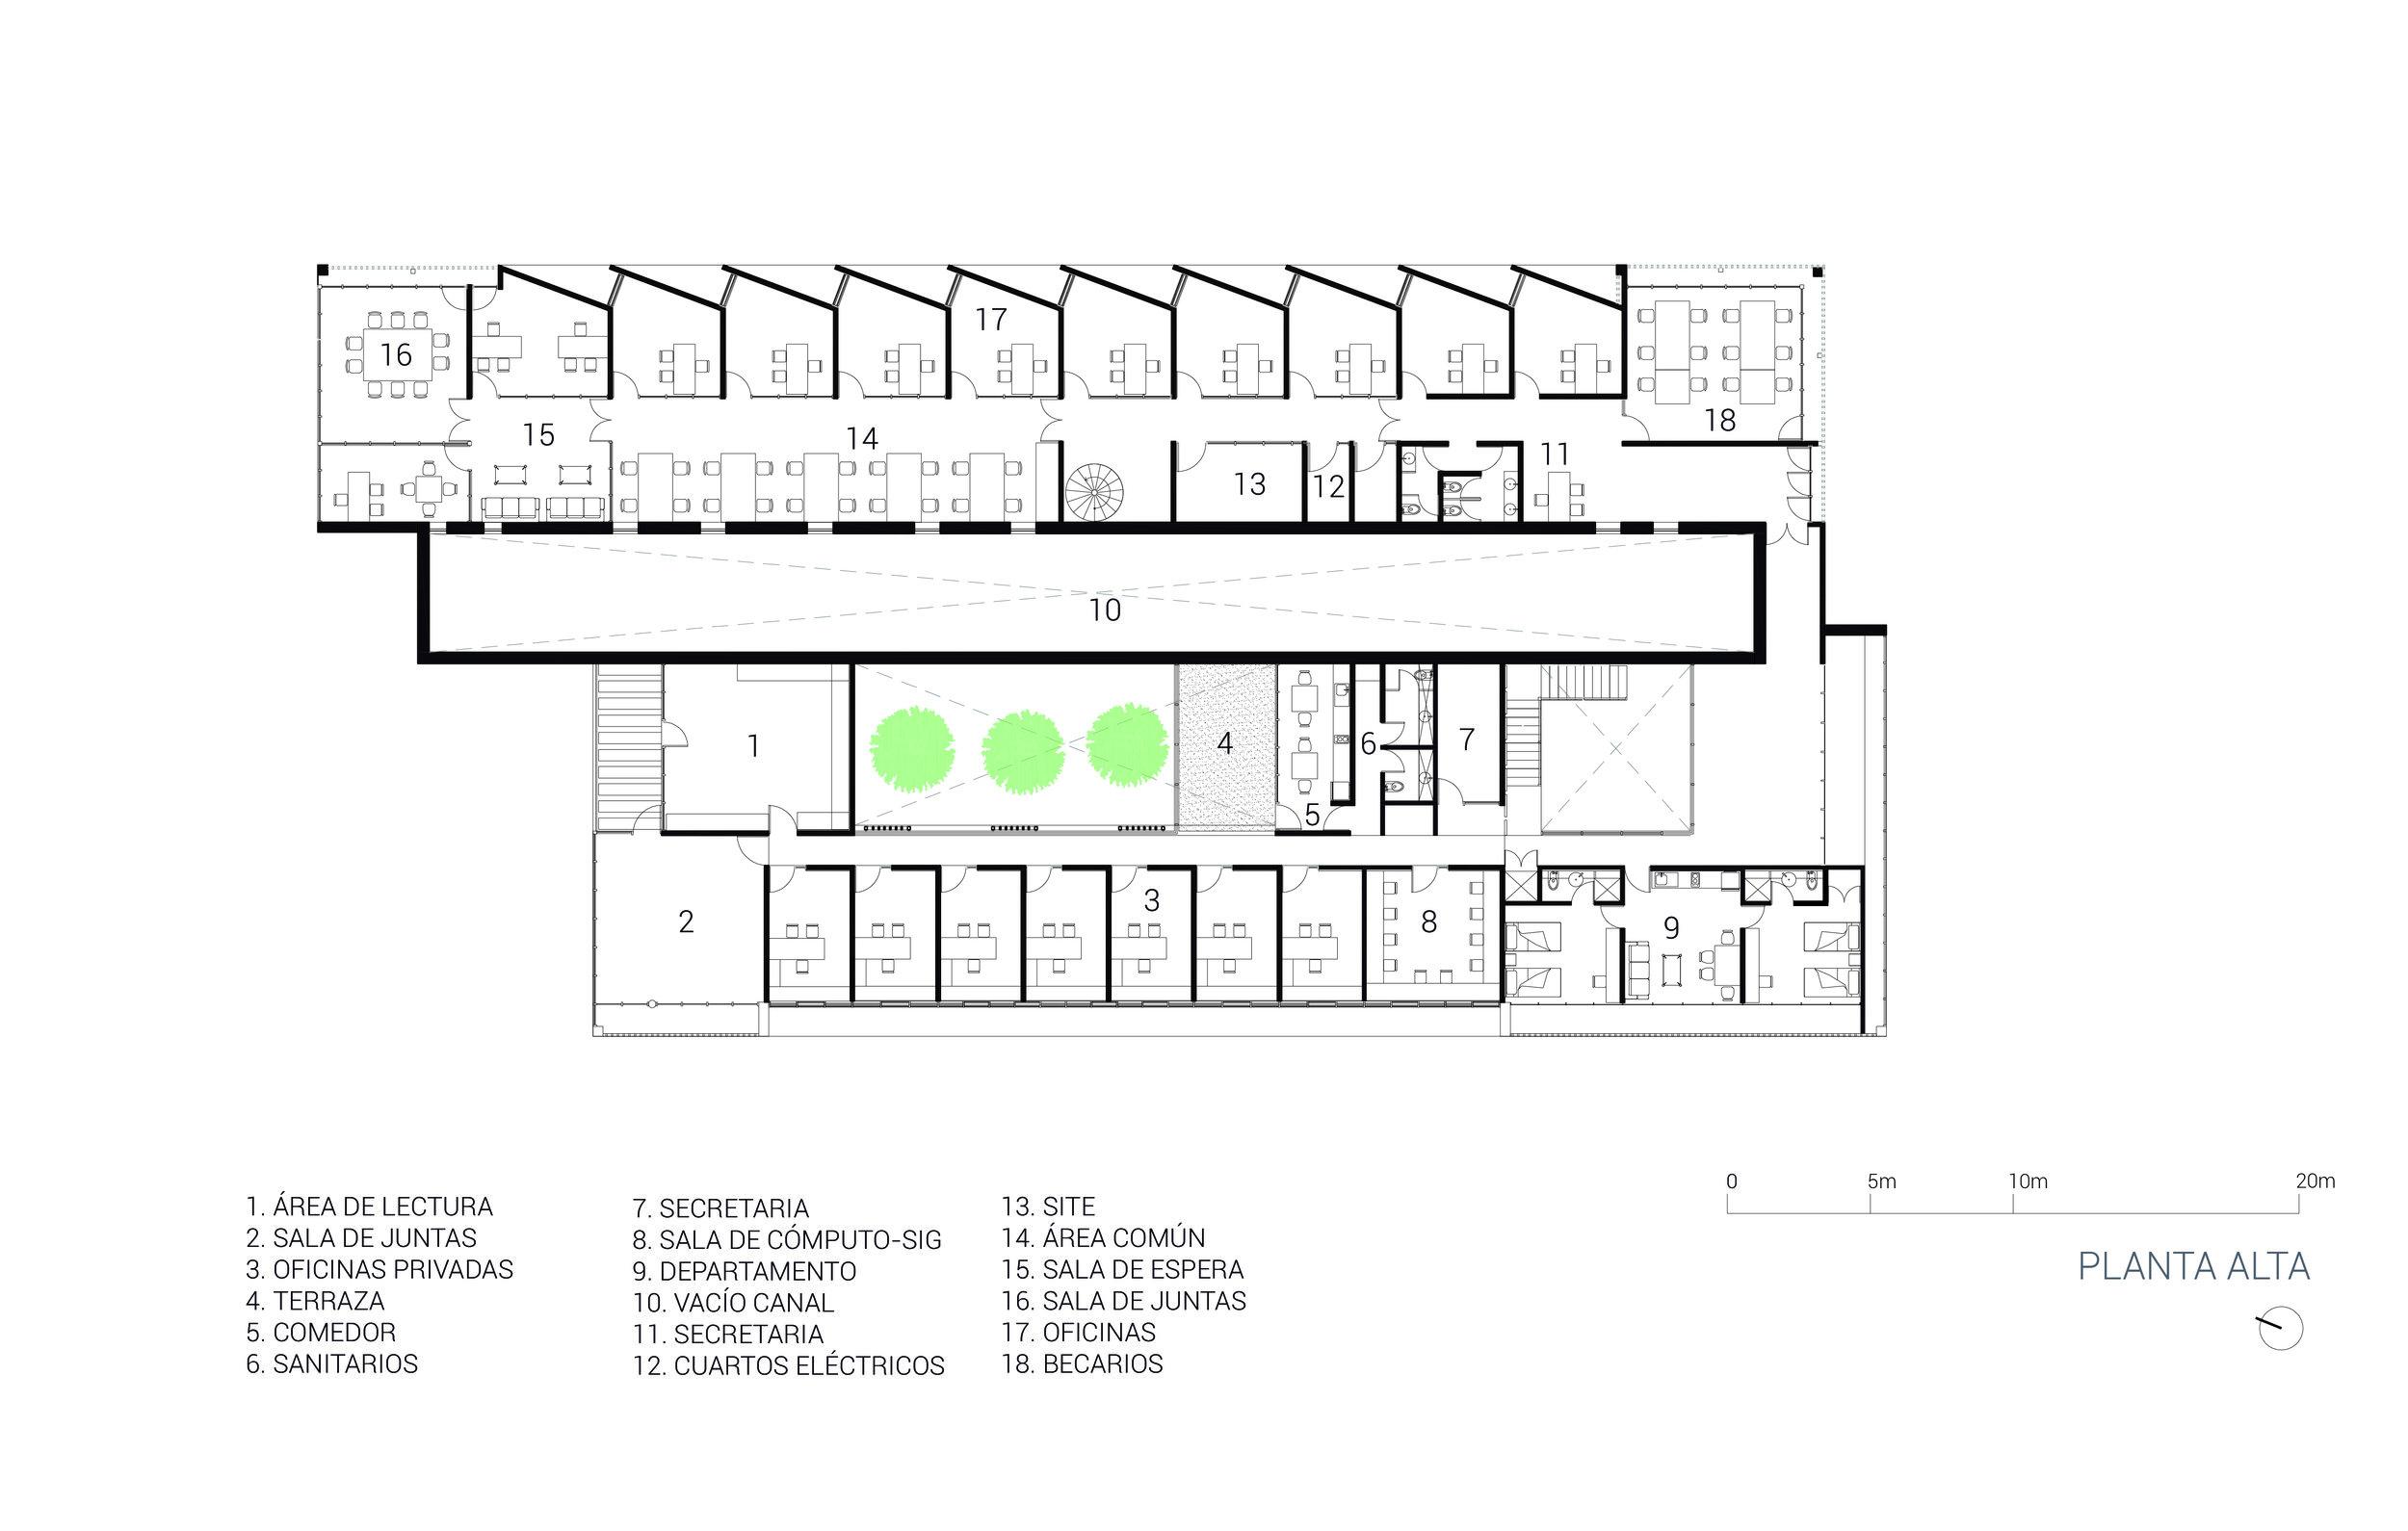 2. Sisal PLANTA ALTA.jpg